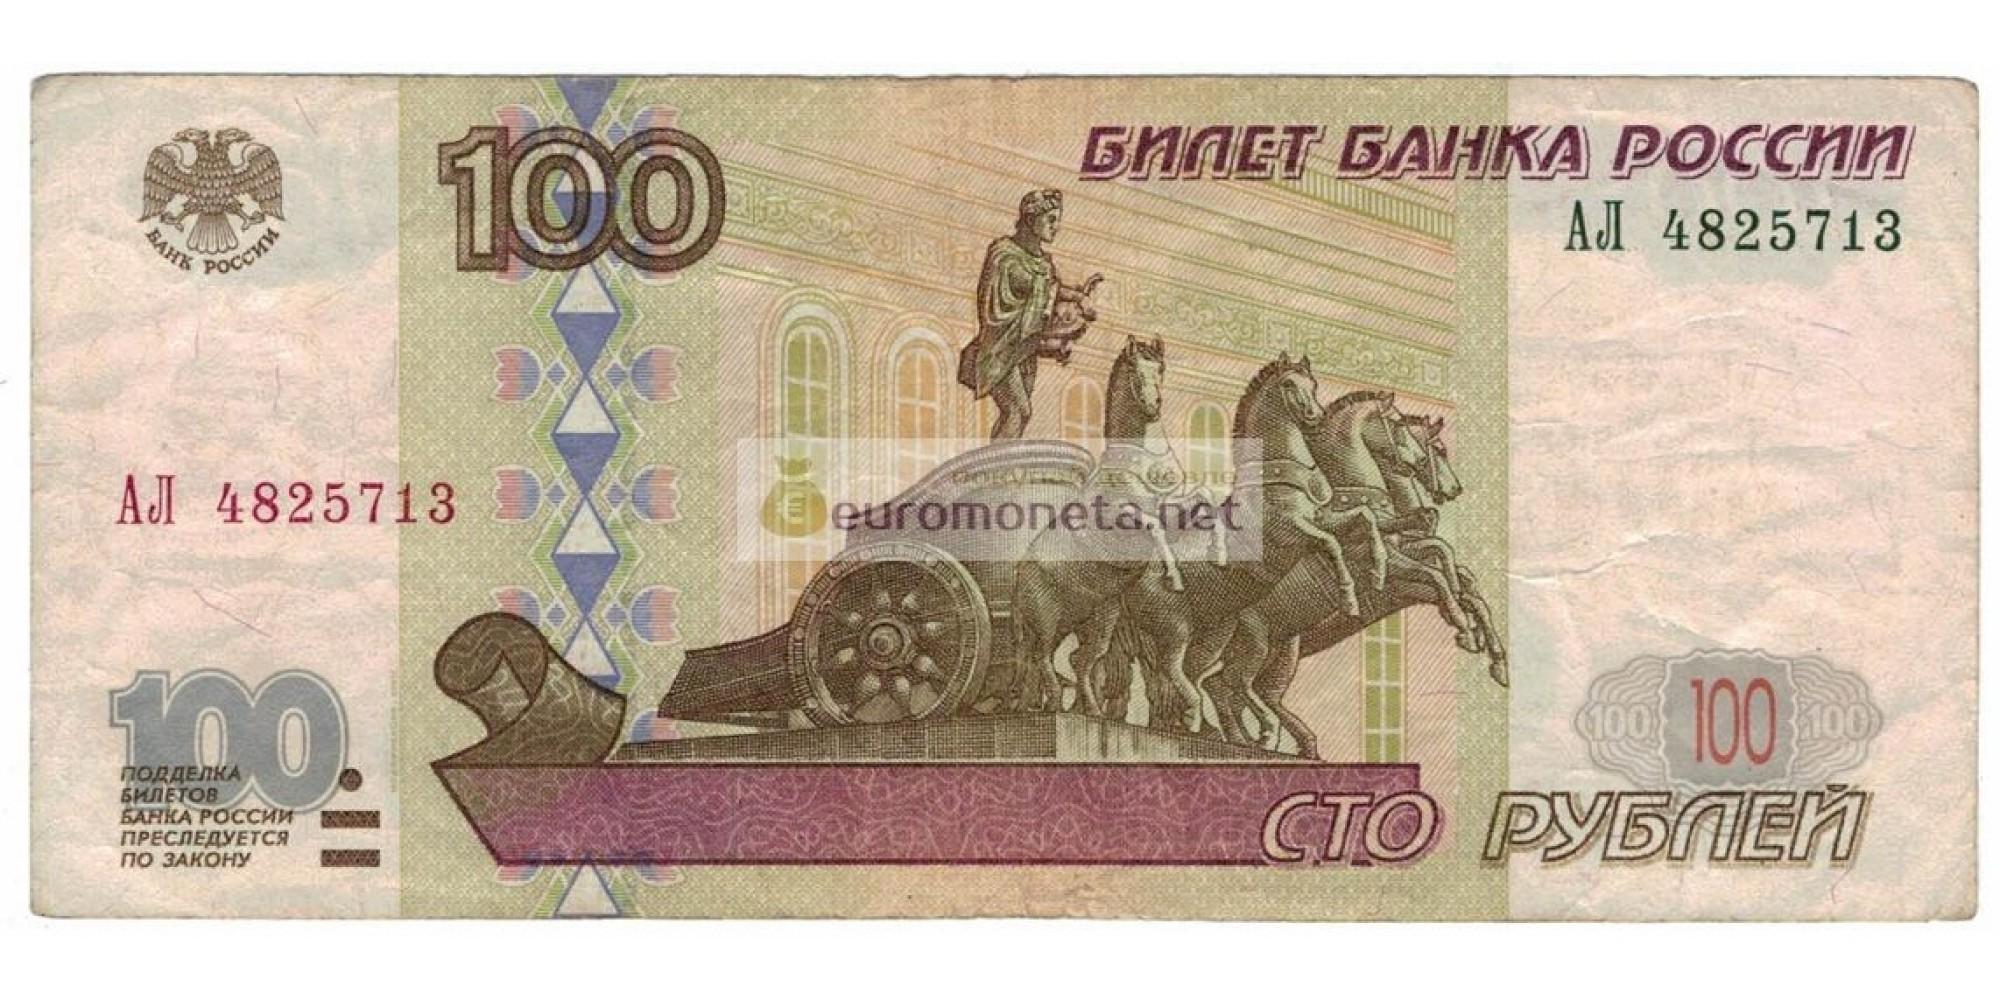 Россия 100 рублей 1997 год модификация 2001 год редкая серия АЛ 4825713